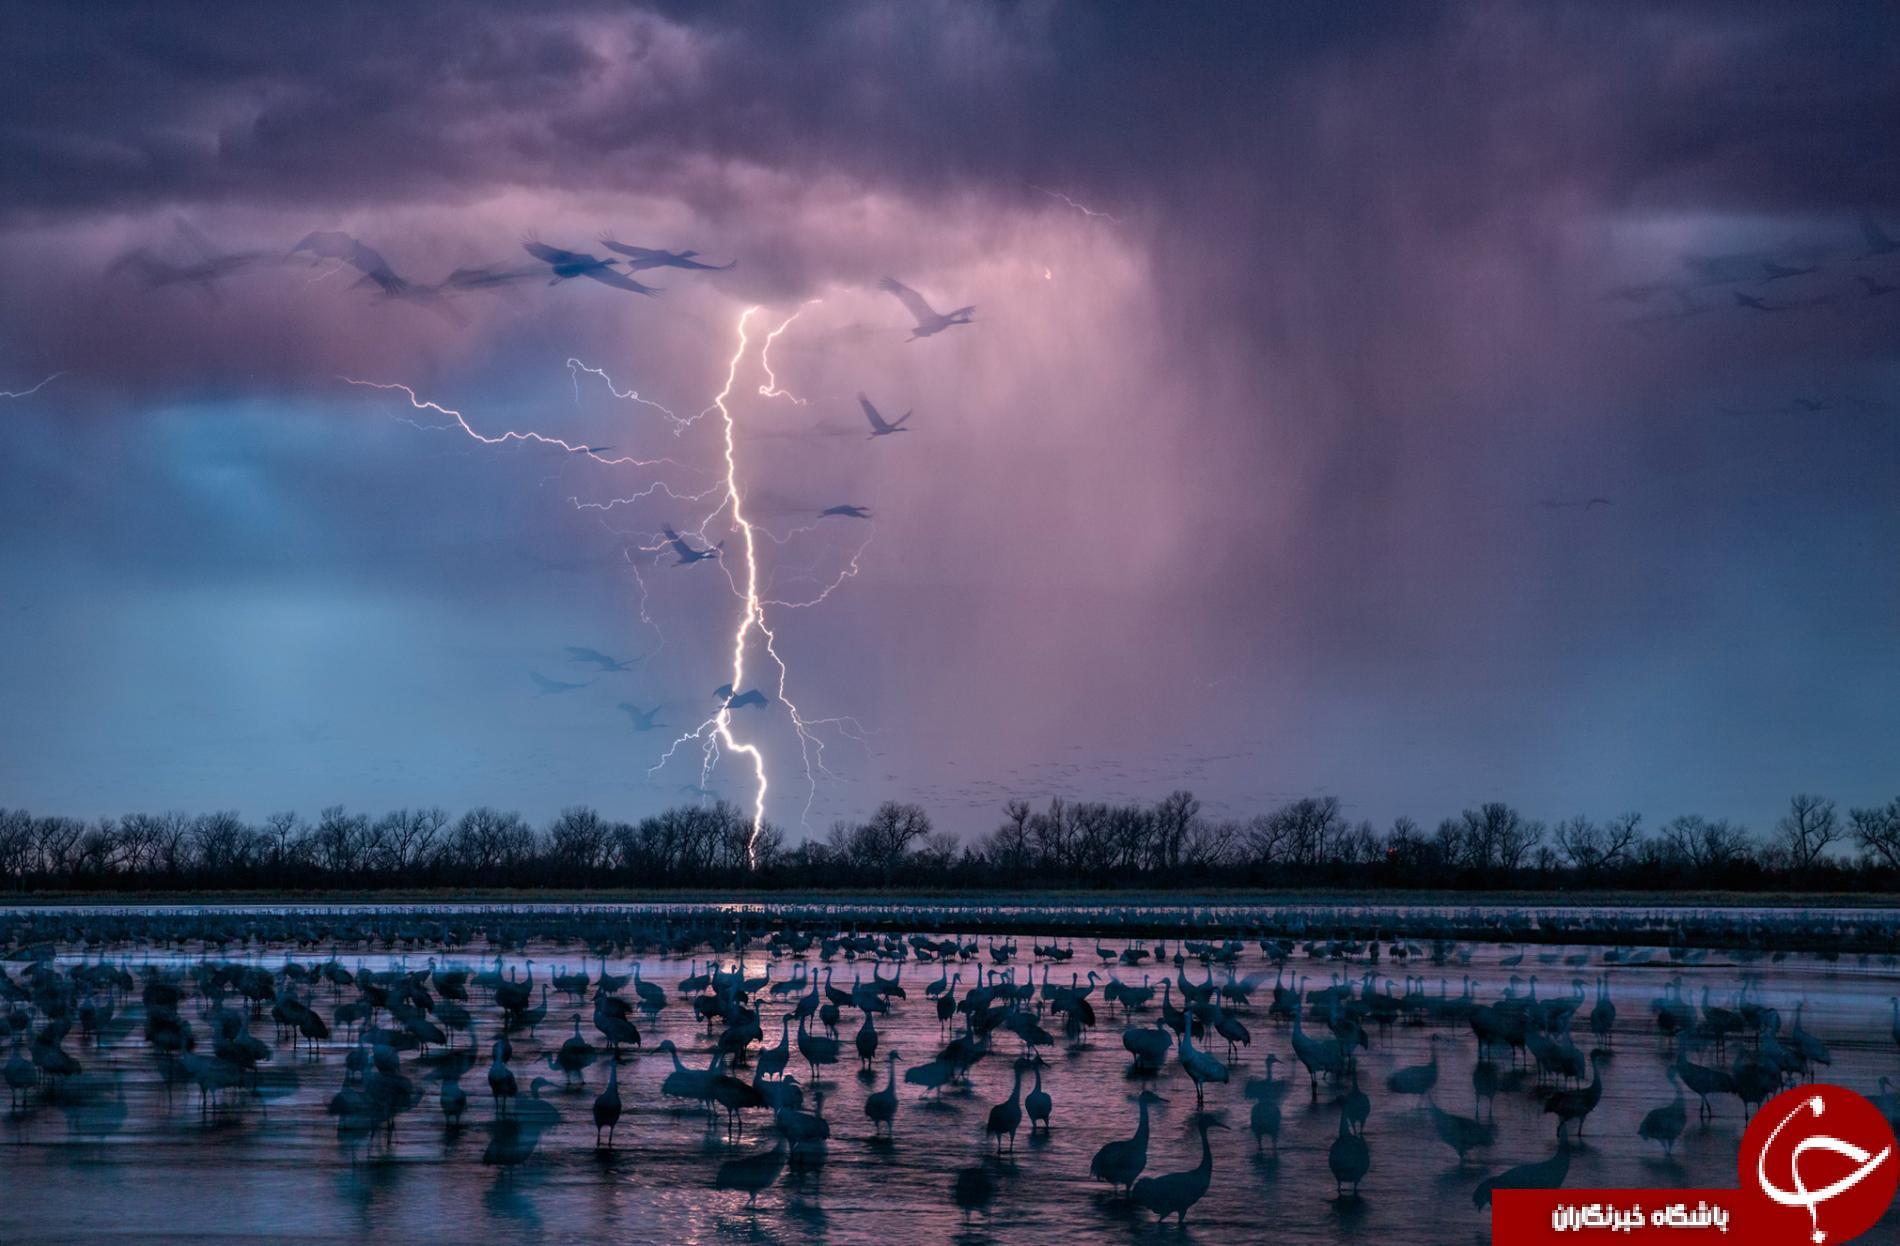 بهترین عکس های سال 2016 از لنز نشنال جئوگرافیک